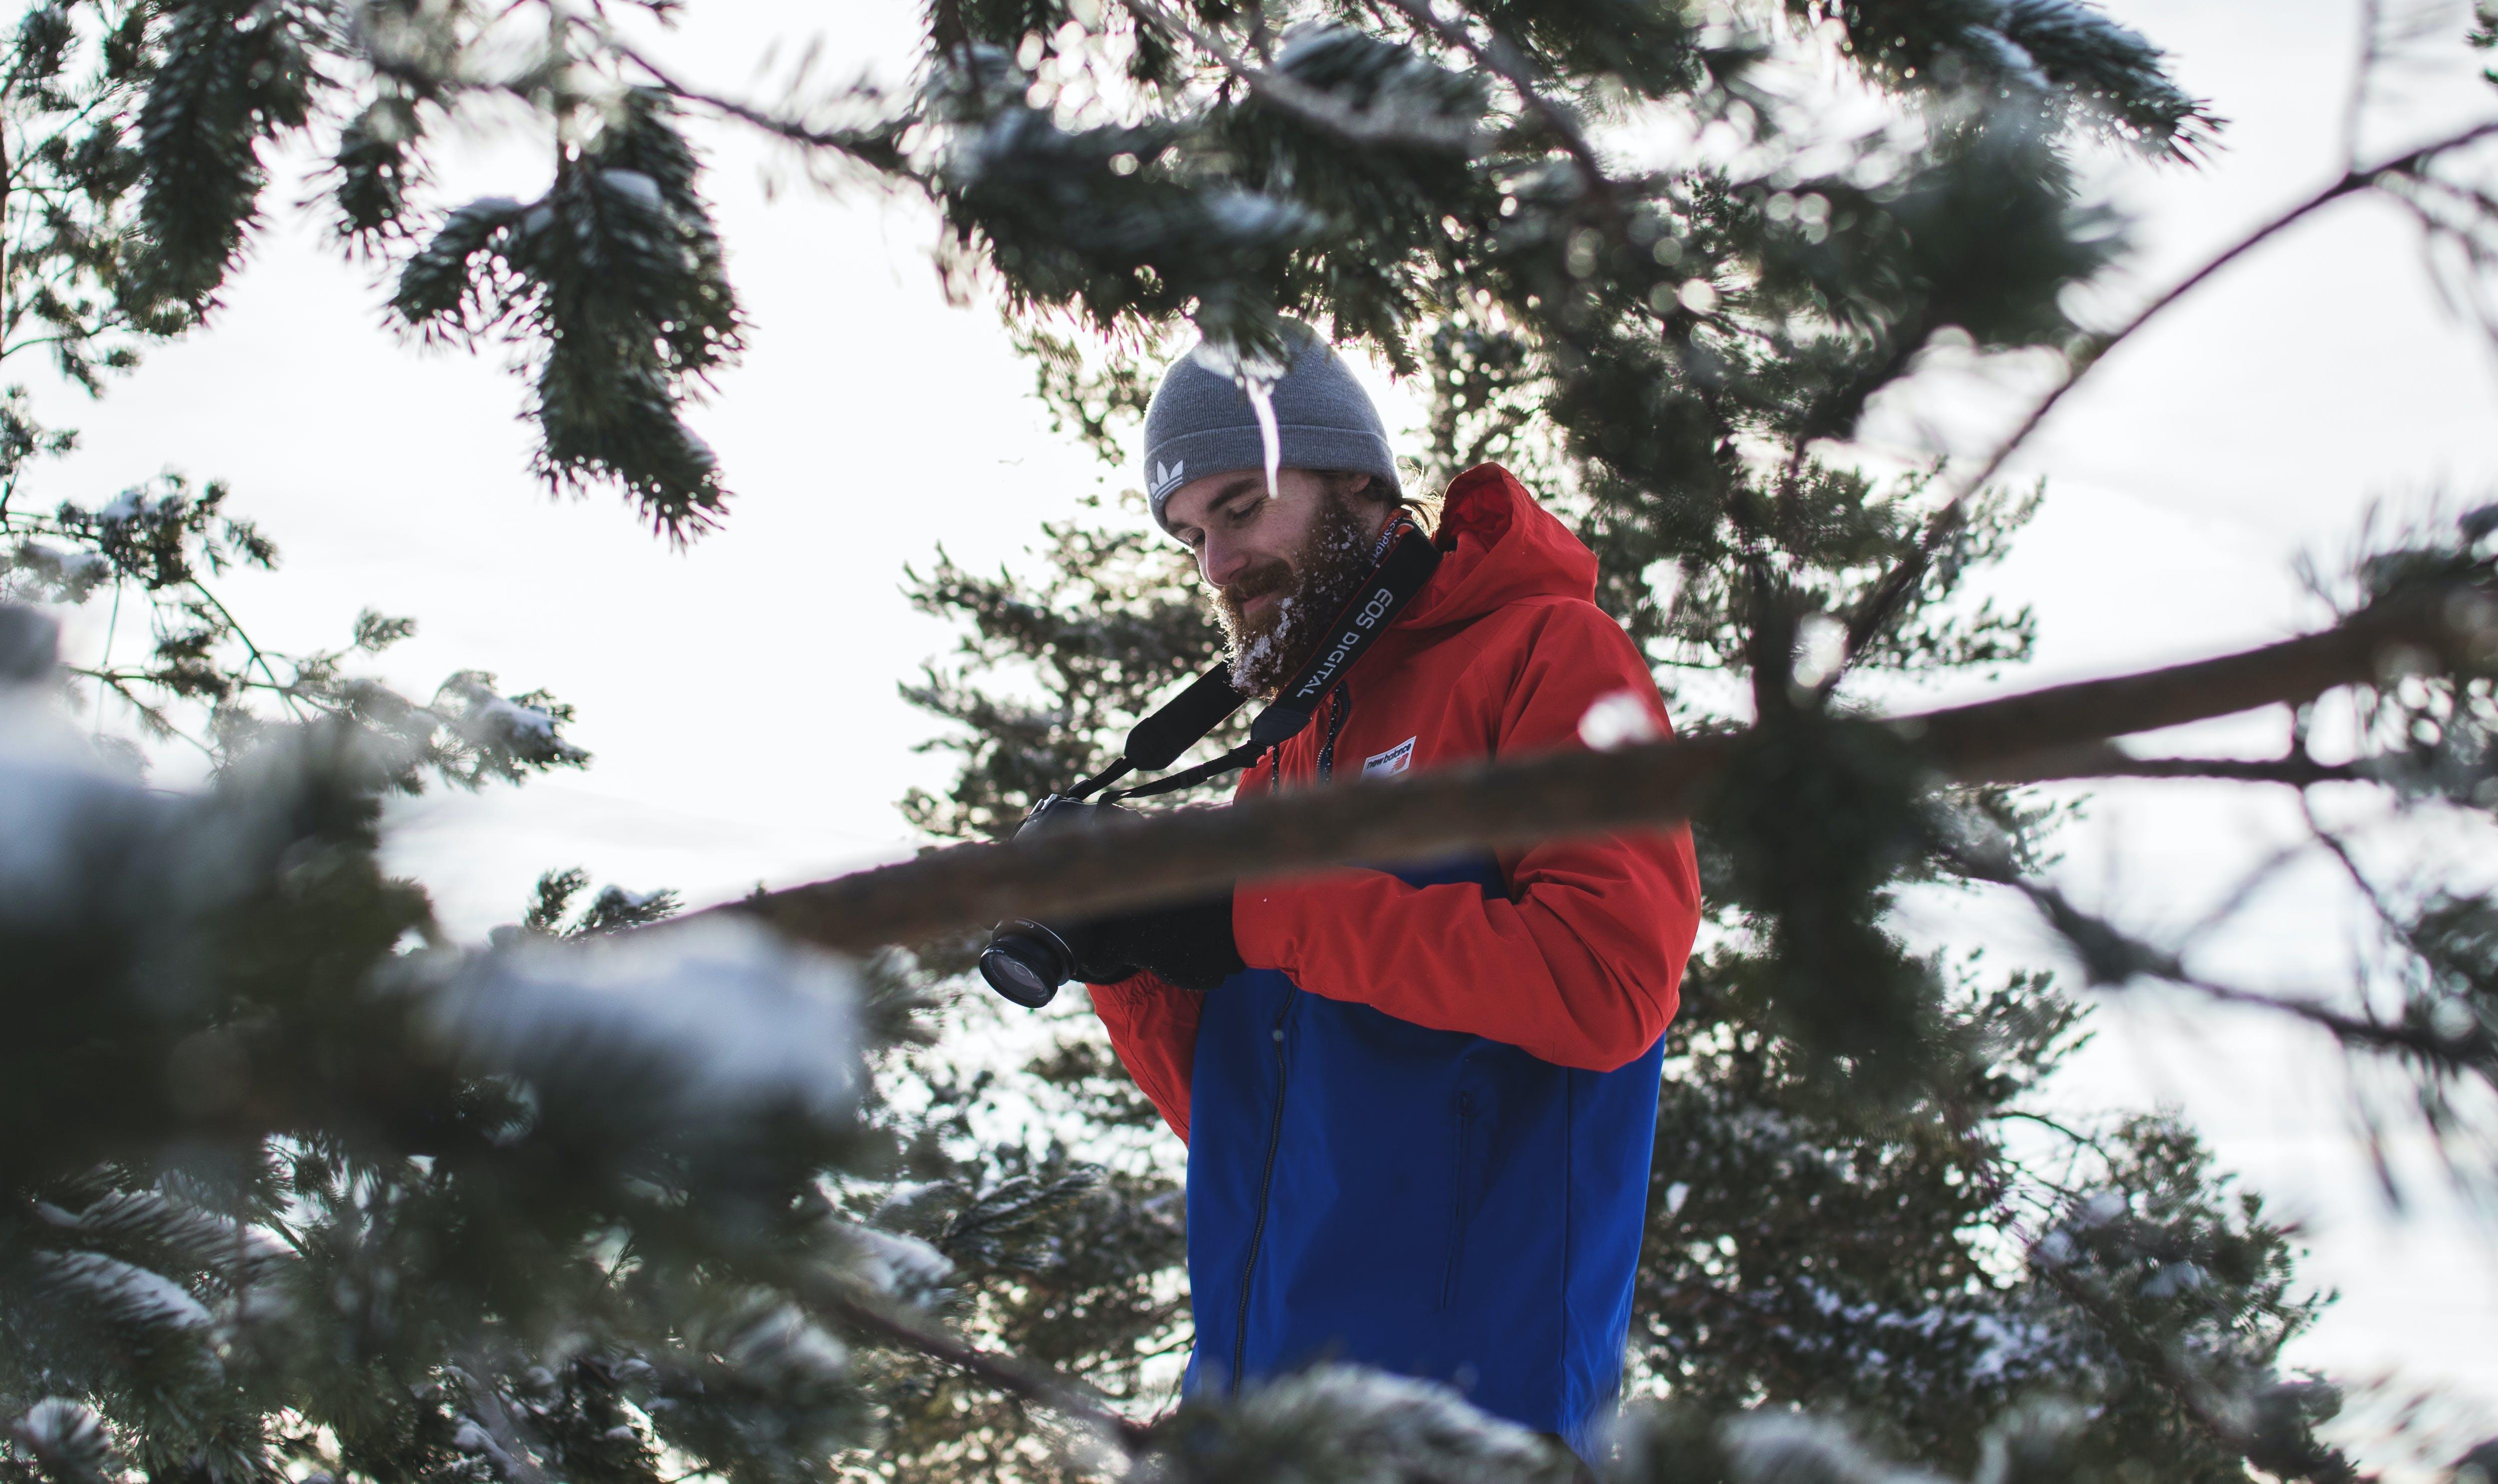 Δωρεάν στοκ φωτογραφιών με άνδρας, άνθρωπος, δέντρο, εποχή